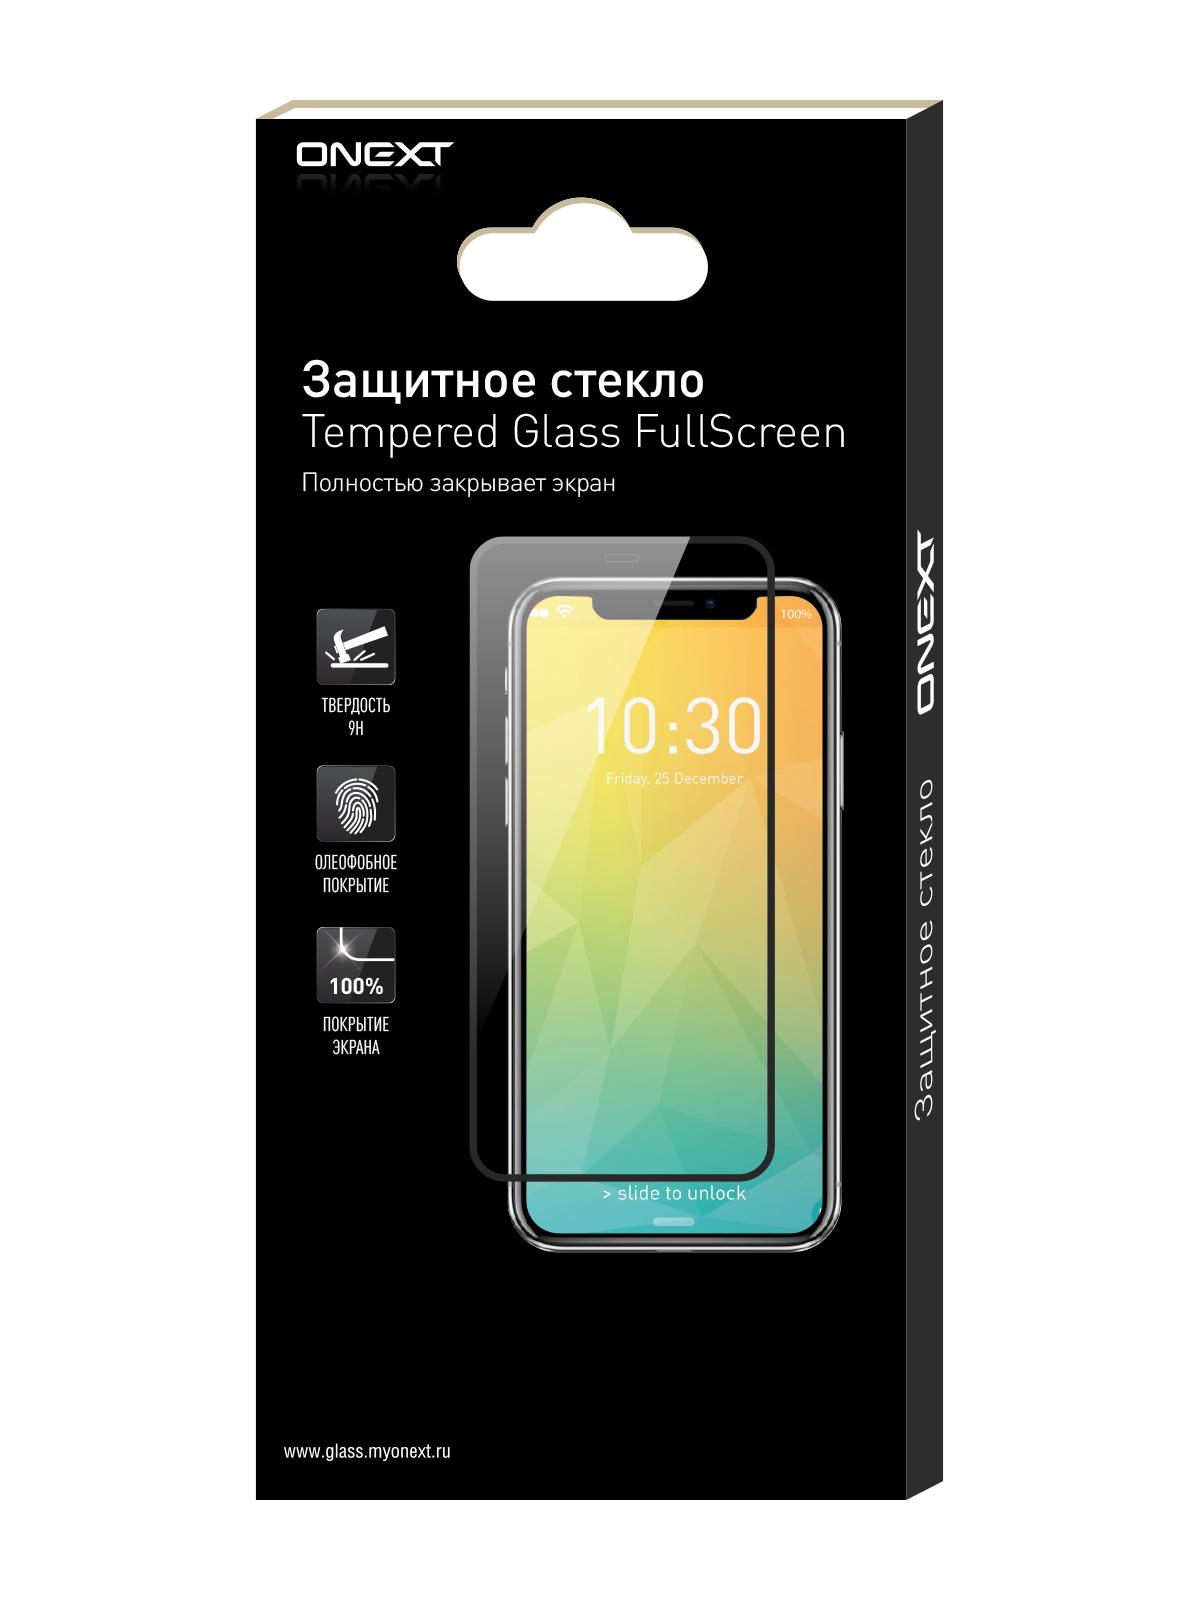 Защитное стекло ONEXT для Huawei Nova 2 Plus Black